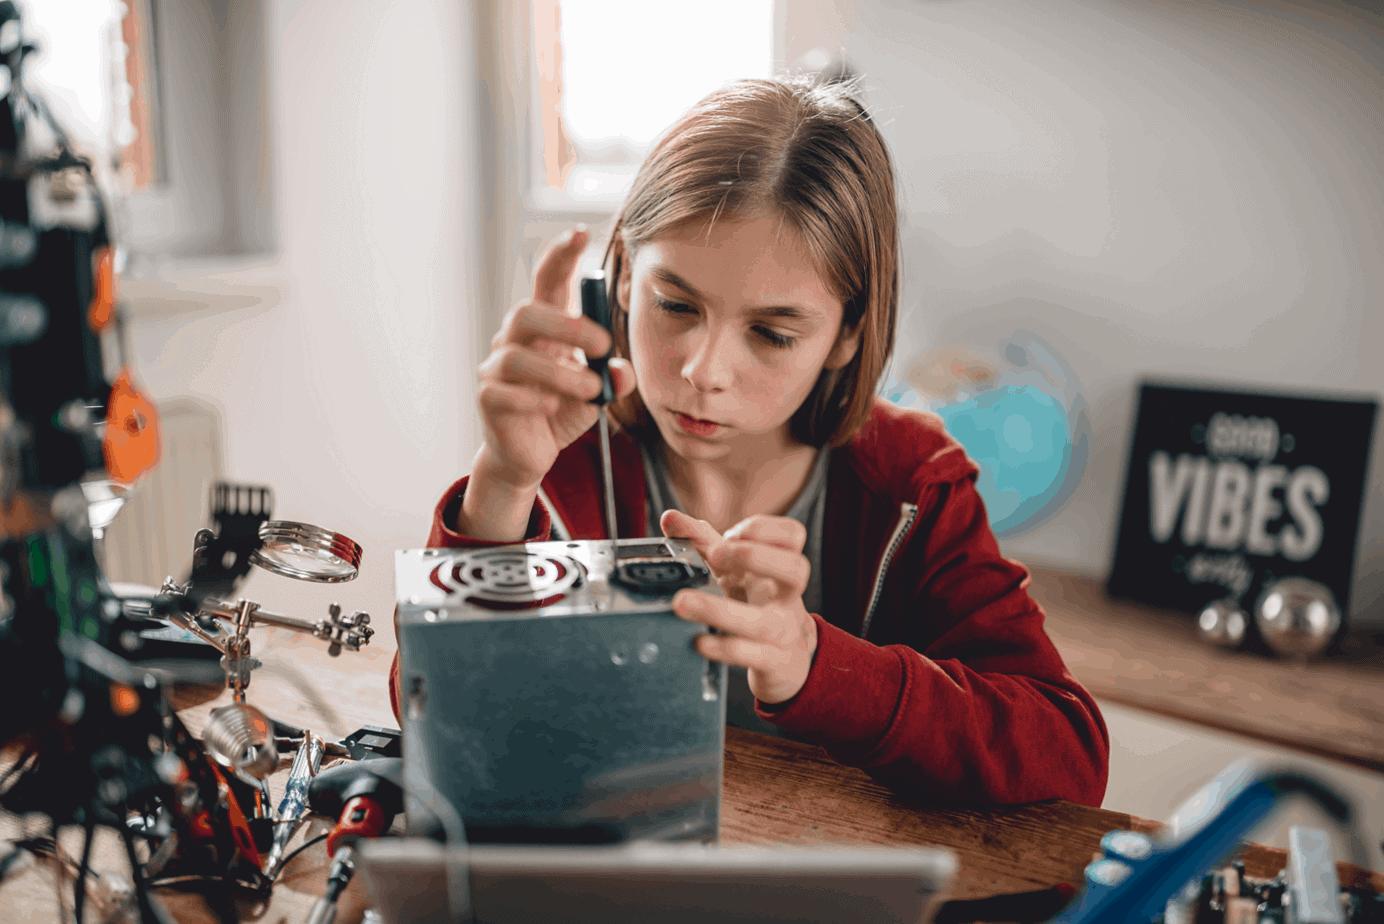 Faire confiance aux enfants, une pédagogie. Fille de onze ans qui répare une radio.